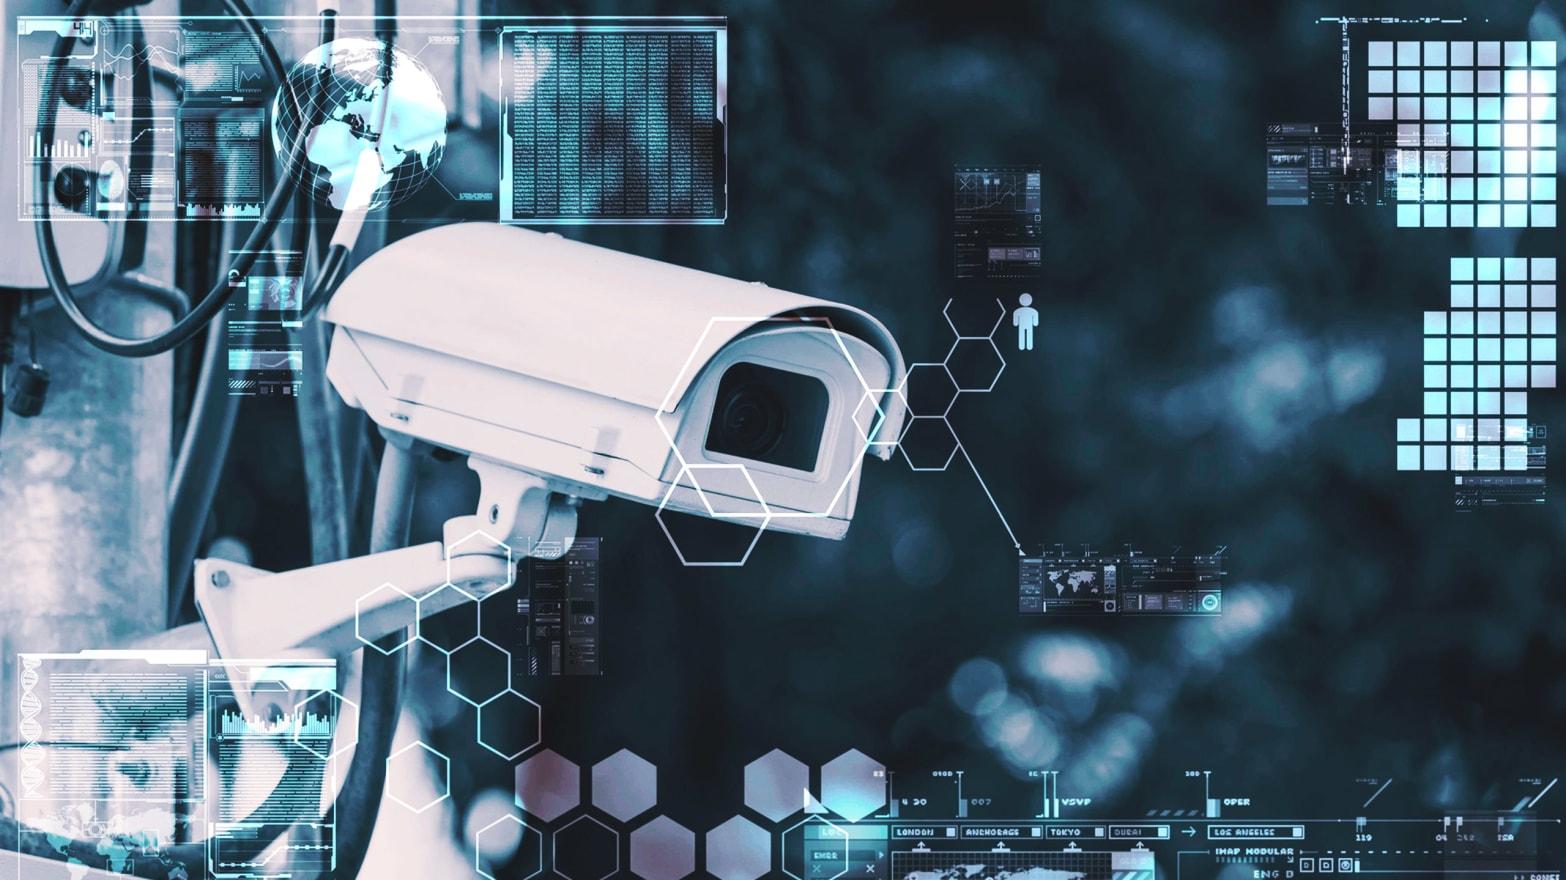 Culture de sécurité : anonymat, communications sécurisées, sécurité informatique... les bases à connaître.